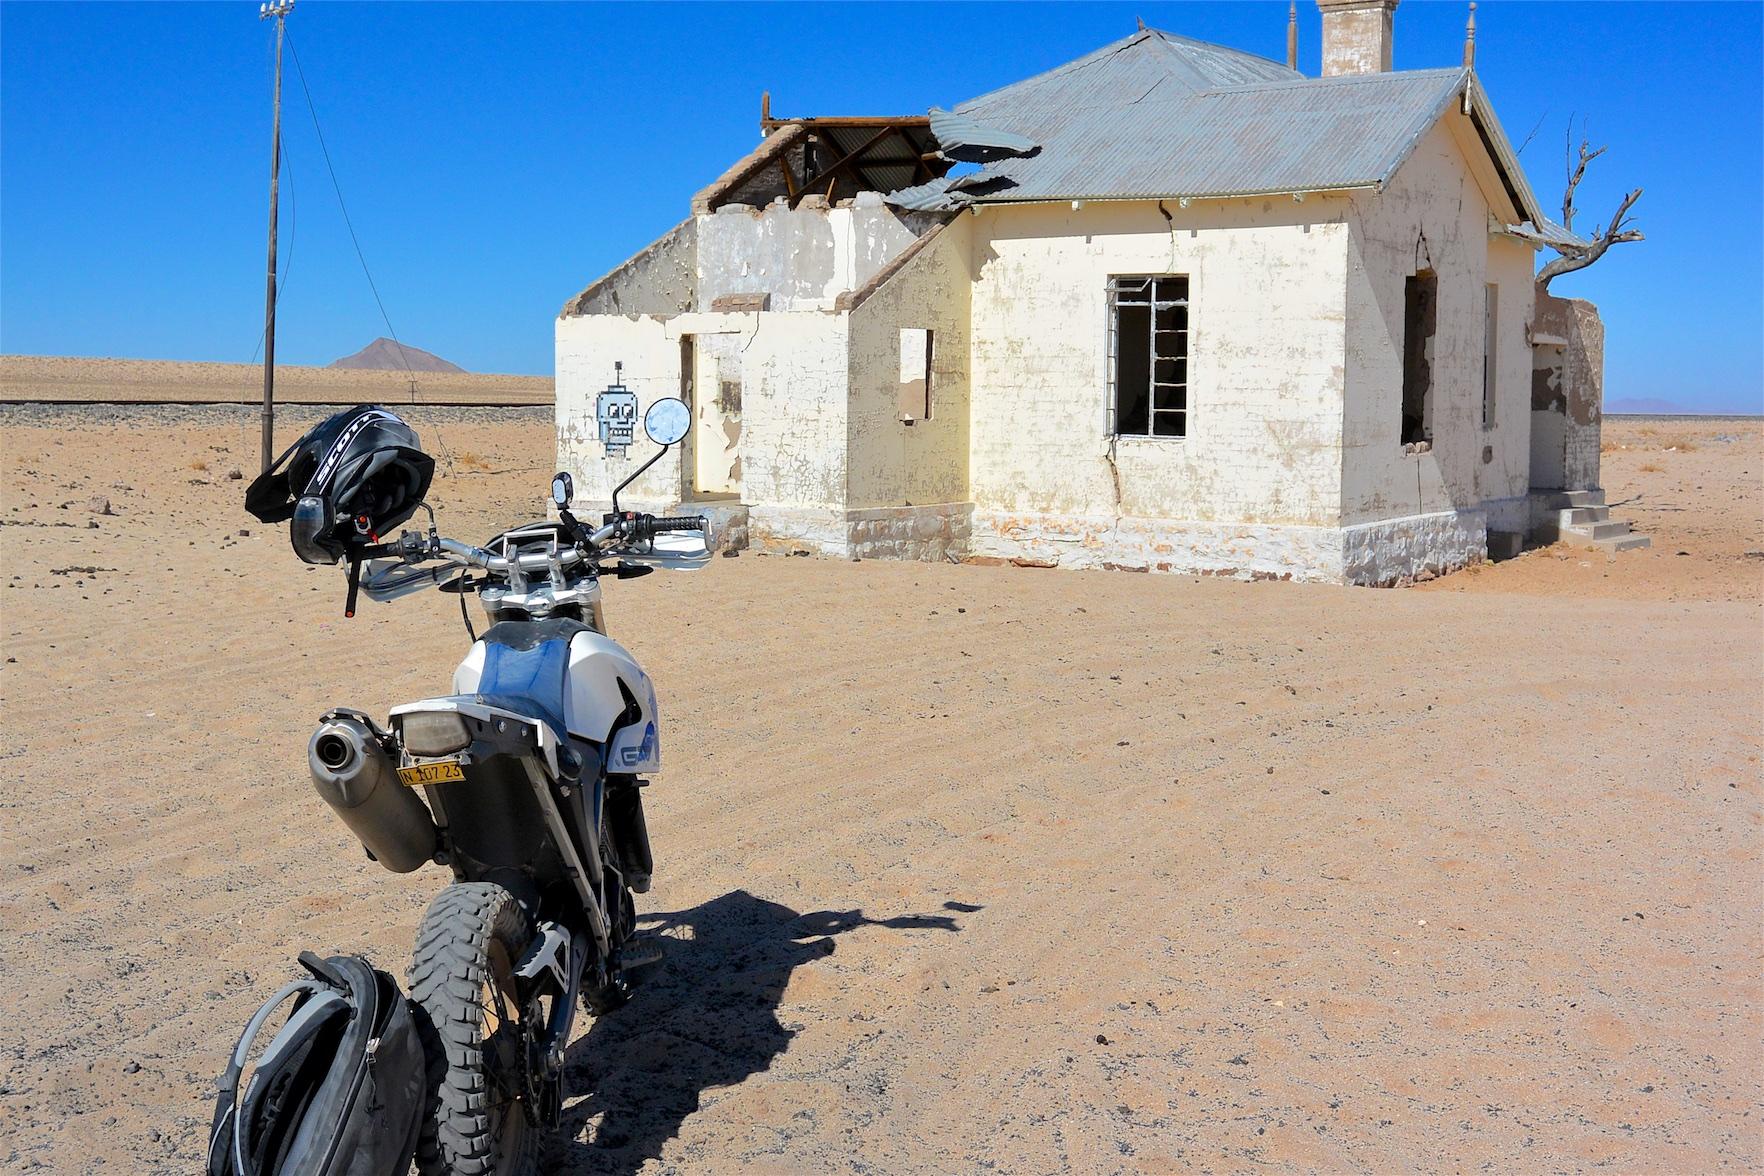 Motorradtour: An der Lüderitzbahn in der Namib-Wüste